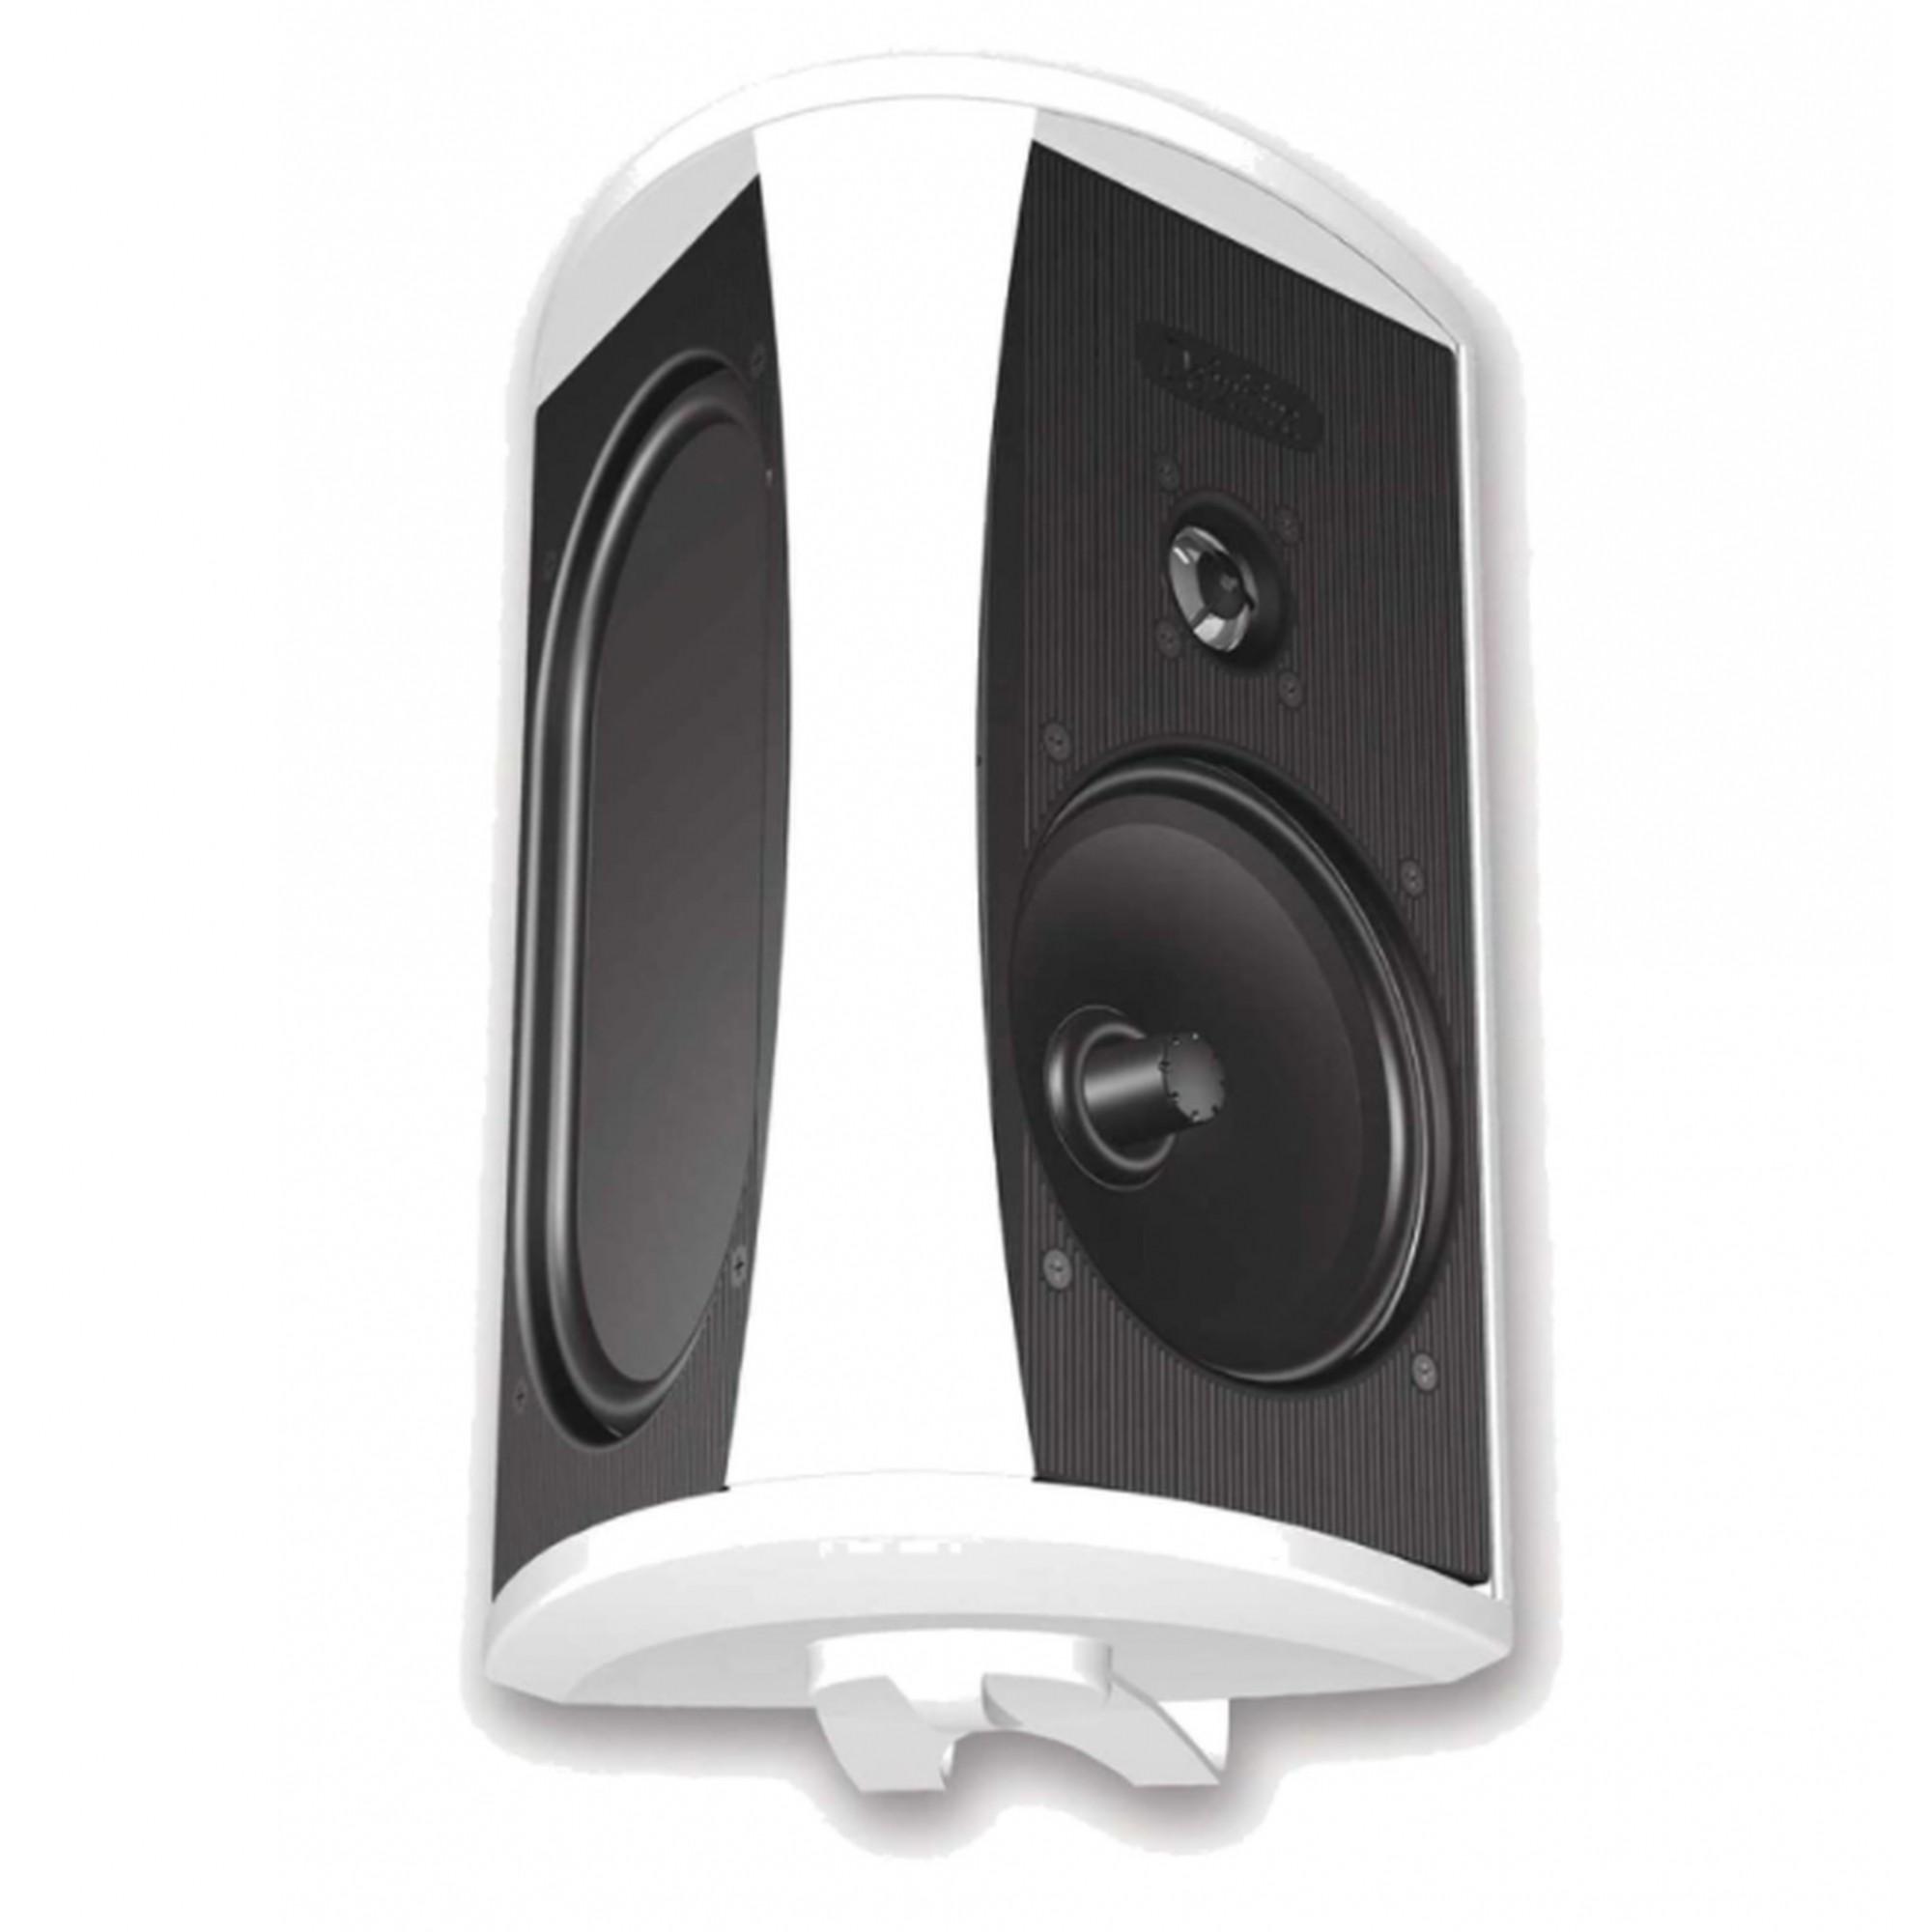 Definitive AW6500 Caixa Acústica Externa Branco Unidade - 200W